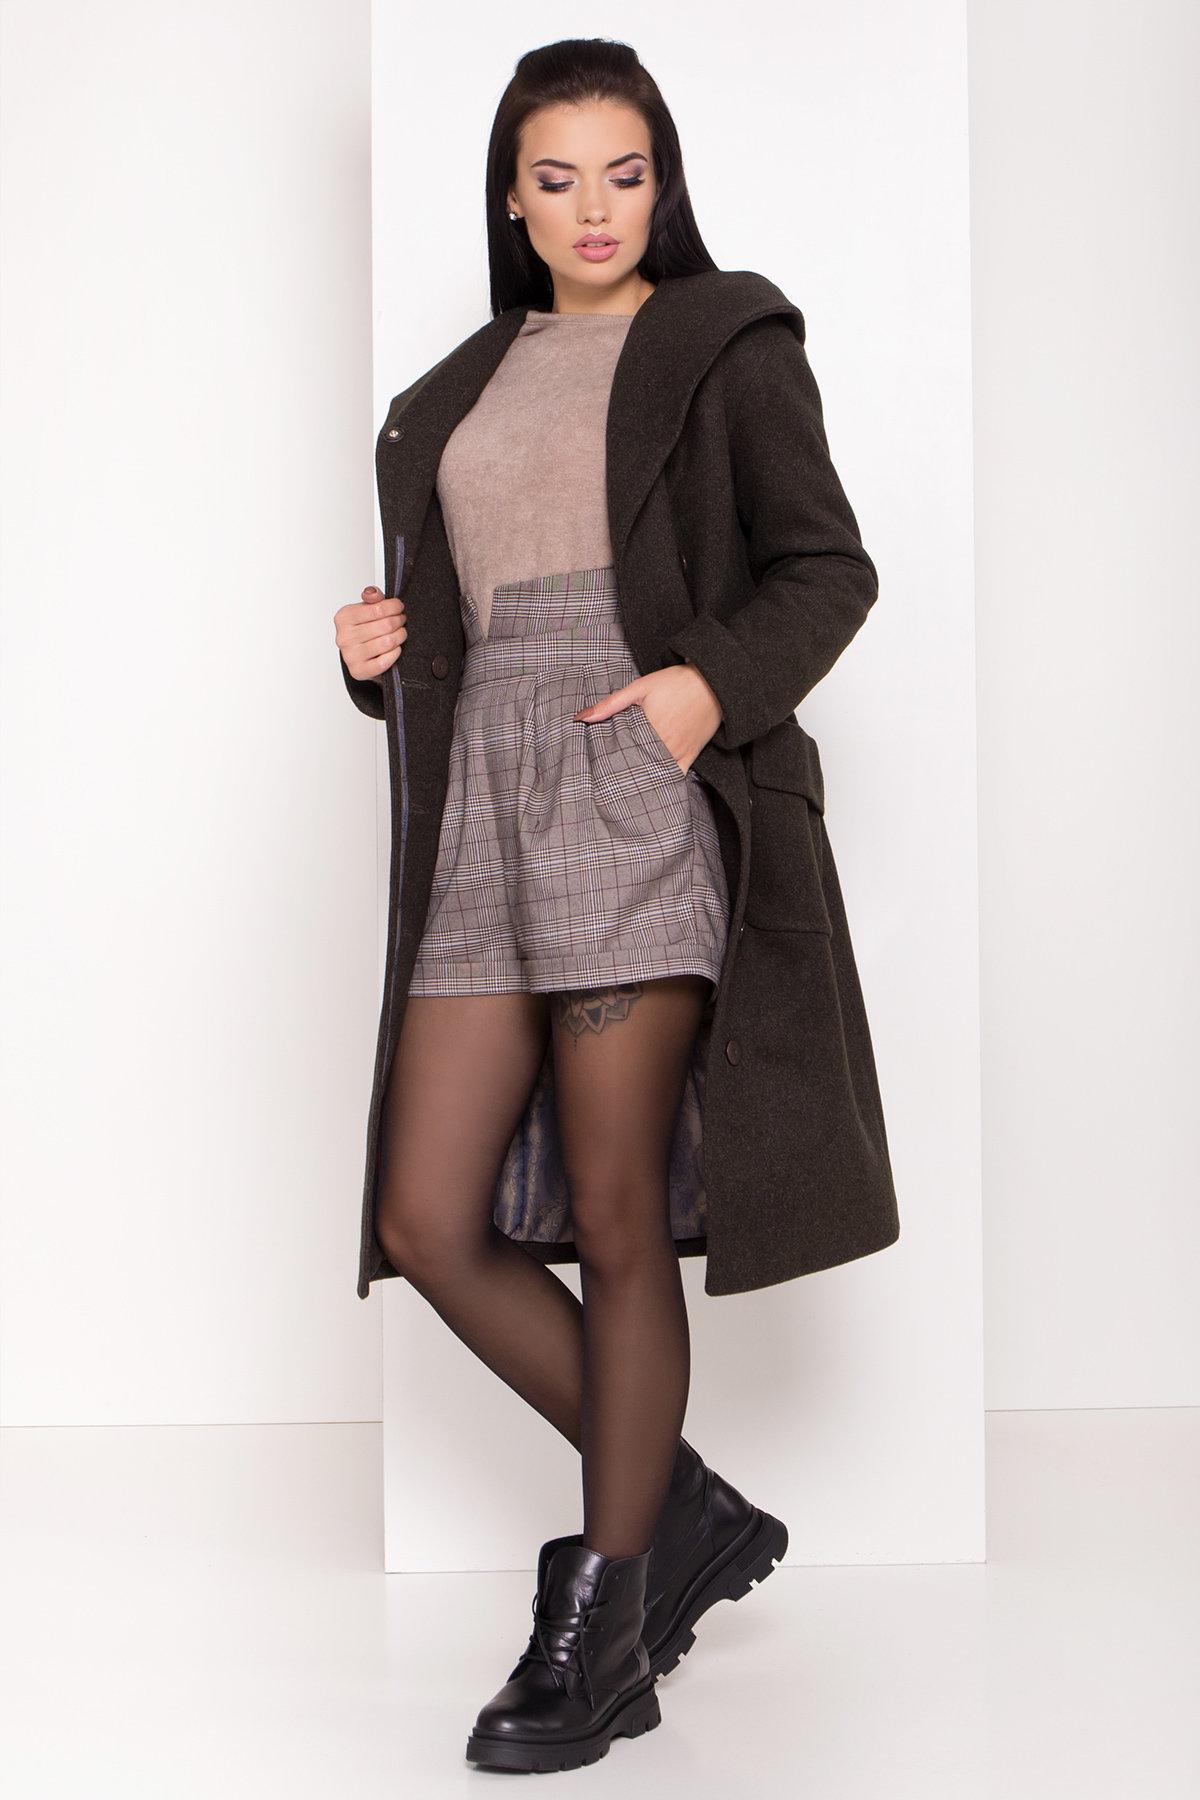 Женское пальто зима с накладными карманами Анджи 8299 АРТ. 44424 Цвет: Хаки - фото 1, интернет магазин tm-modus.ru